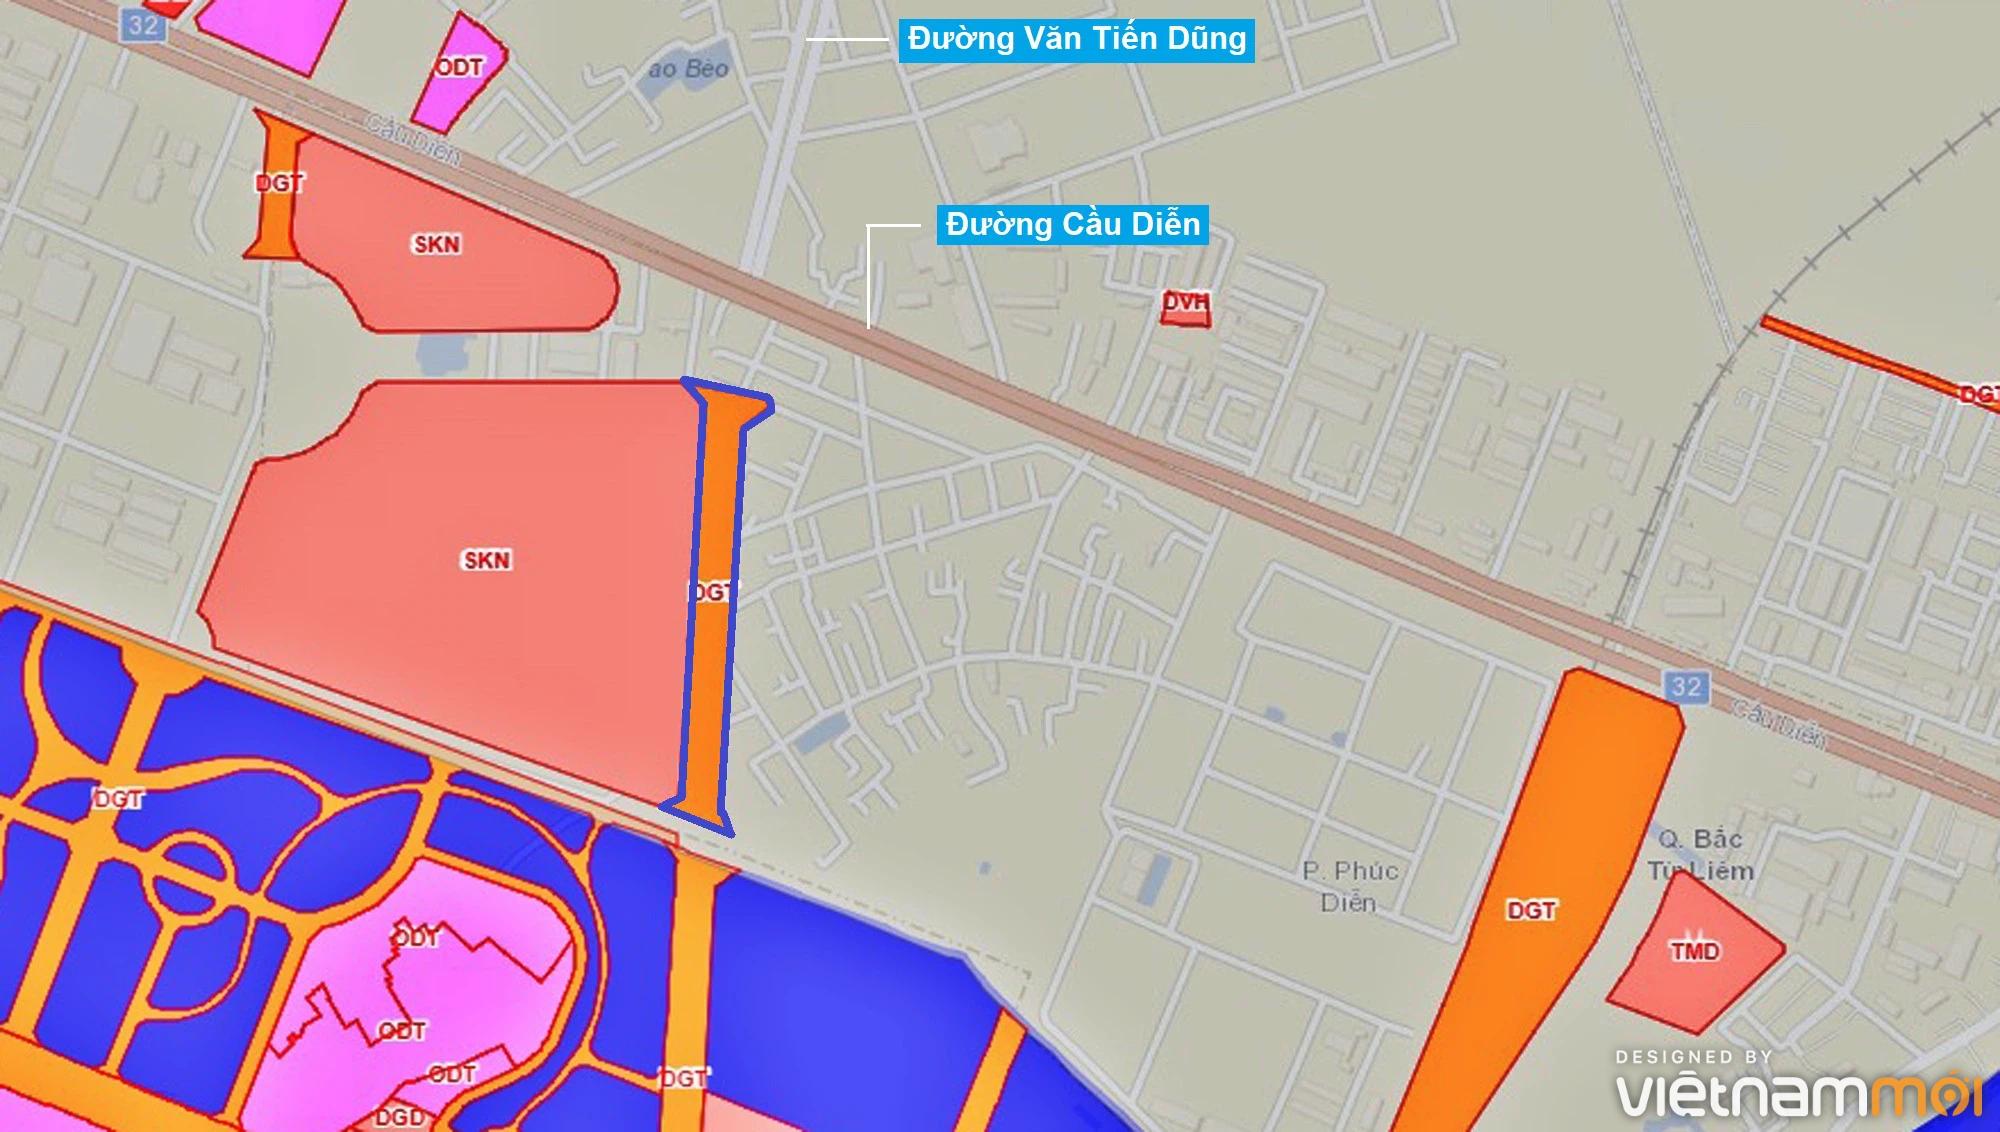 Những khu đất sắp thu hồi để mở đường ở phường Phúc Diễn, Bắc Từ Liêm, Hà Nội - Ảnh 1.